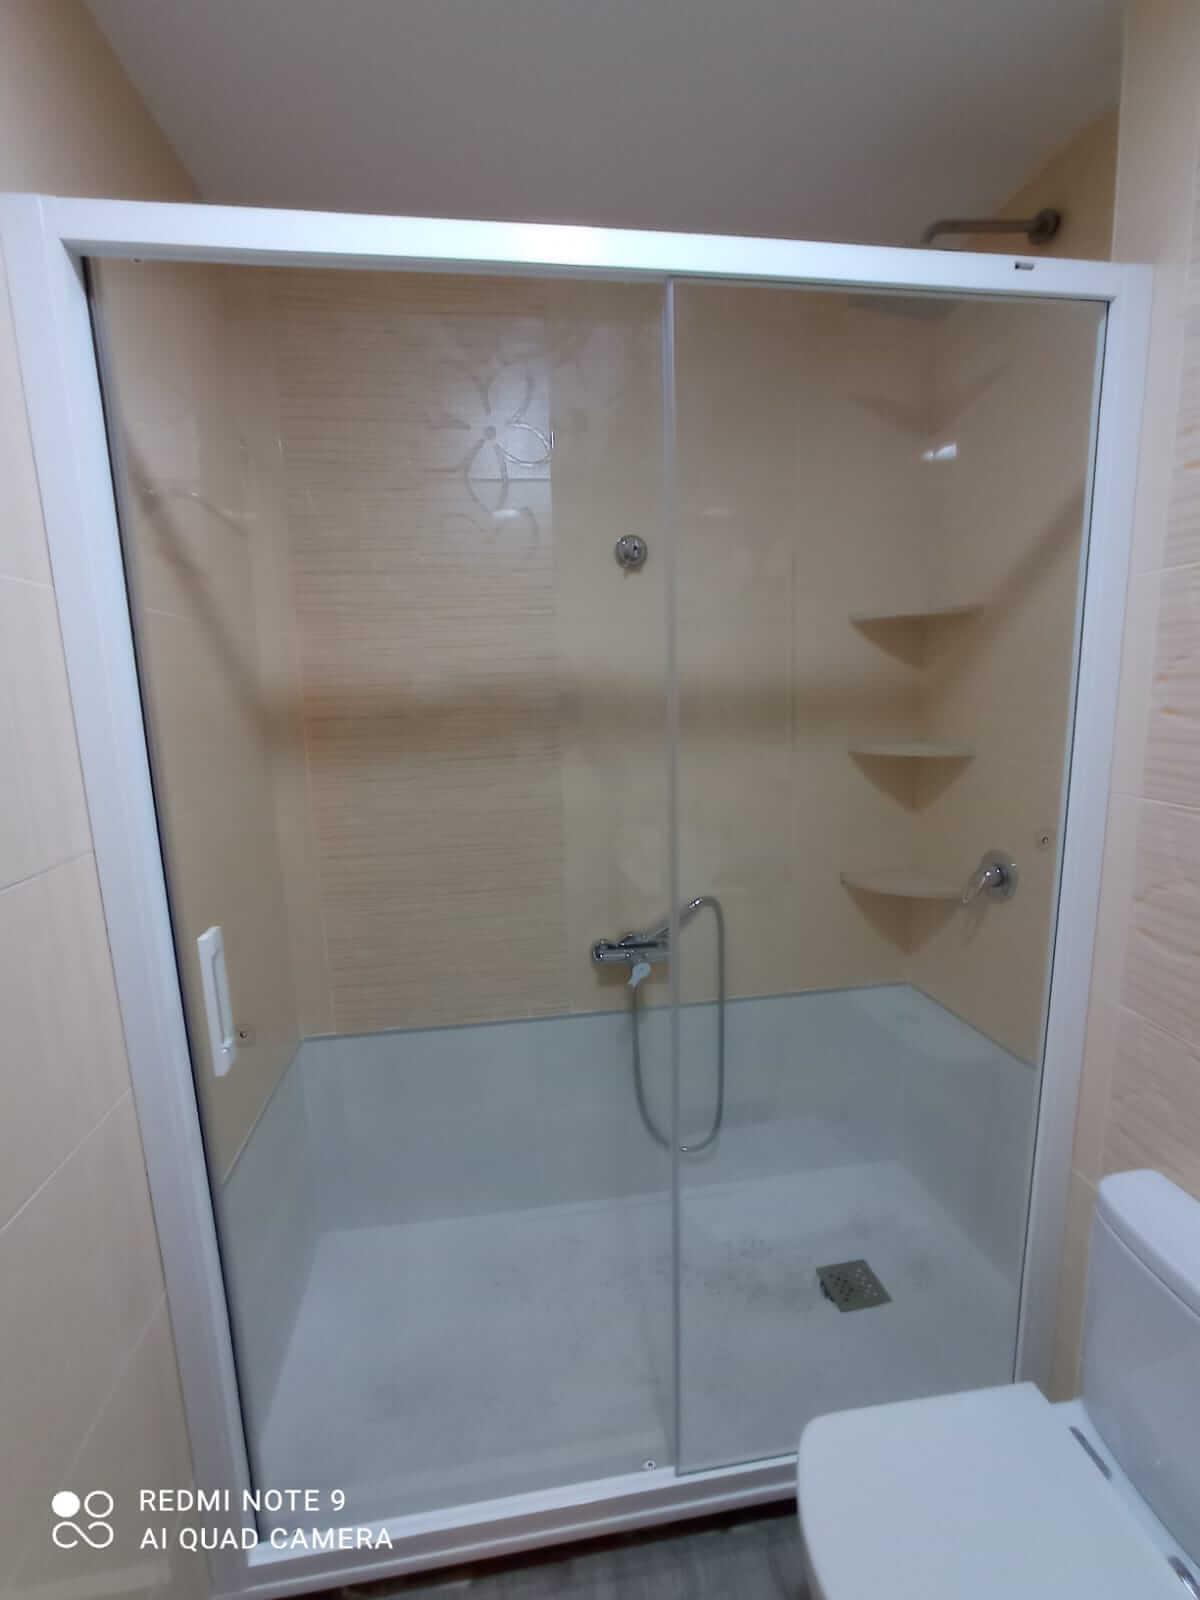 Mampara de baño de cristal transparente y marco en color blanco, colocada sobre azulejos amarillos.